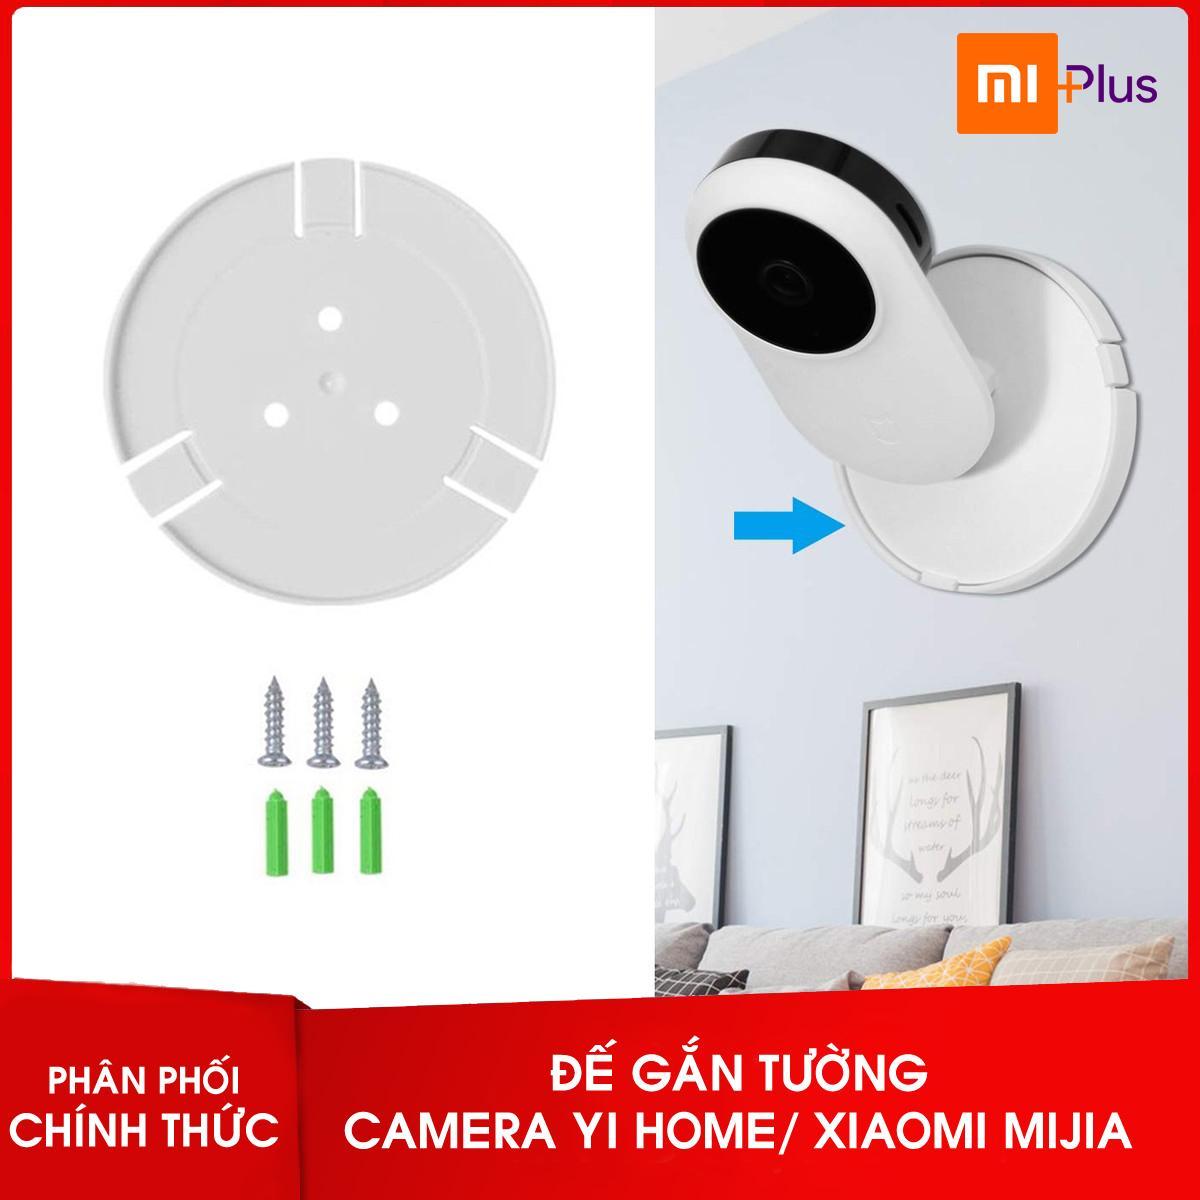 Đế gắn tường cho camera wifi giám sát Xiaomi Mi Home và Yi Home 720P 1080P